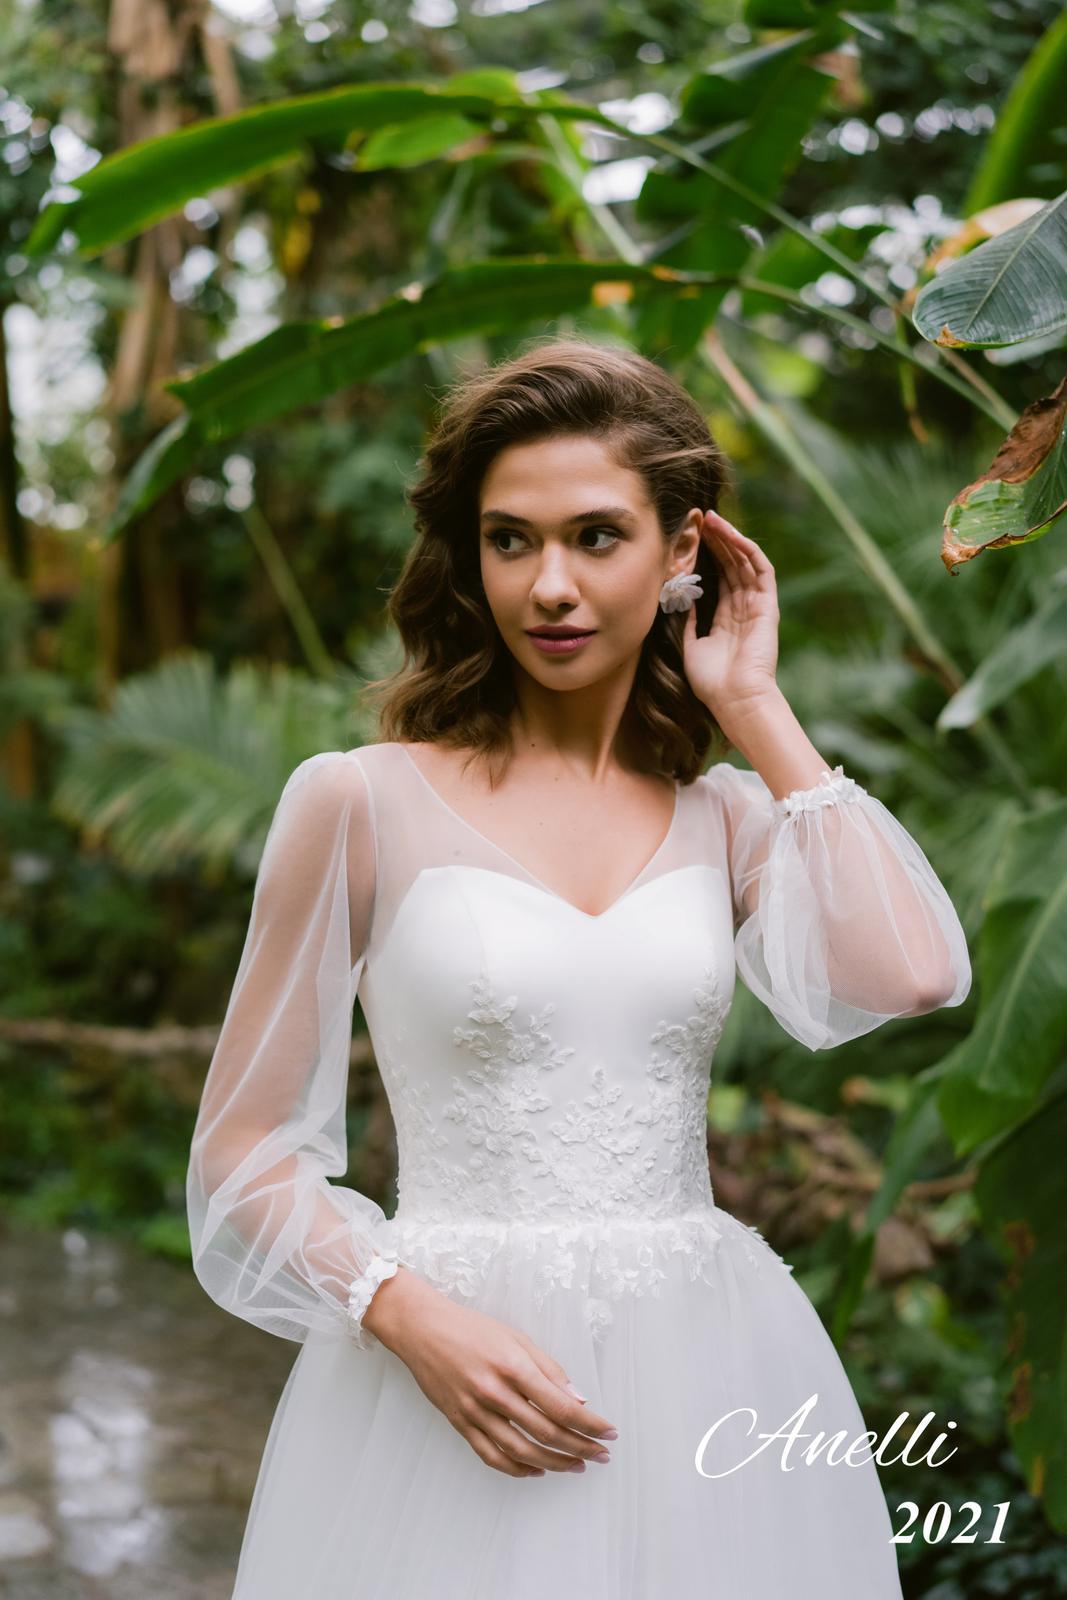 Svadobné šaty - Breeze 2021 - Obrázok č. 1